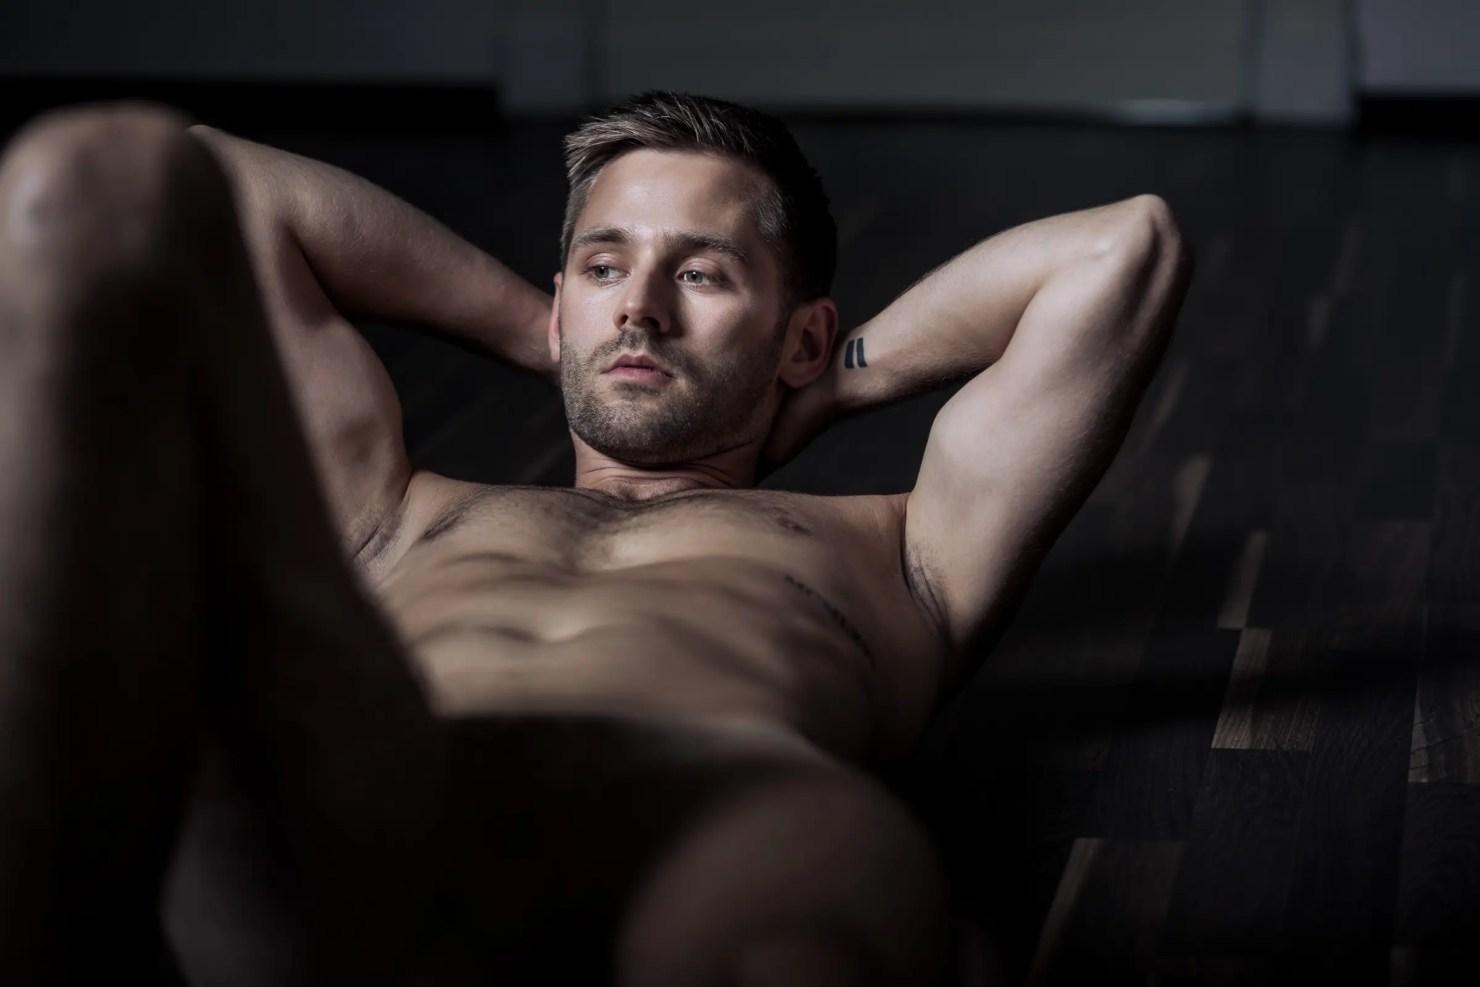 Erotisches Männershooting, gay